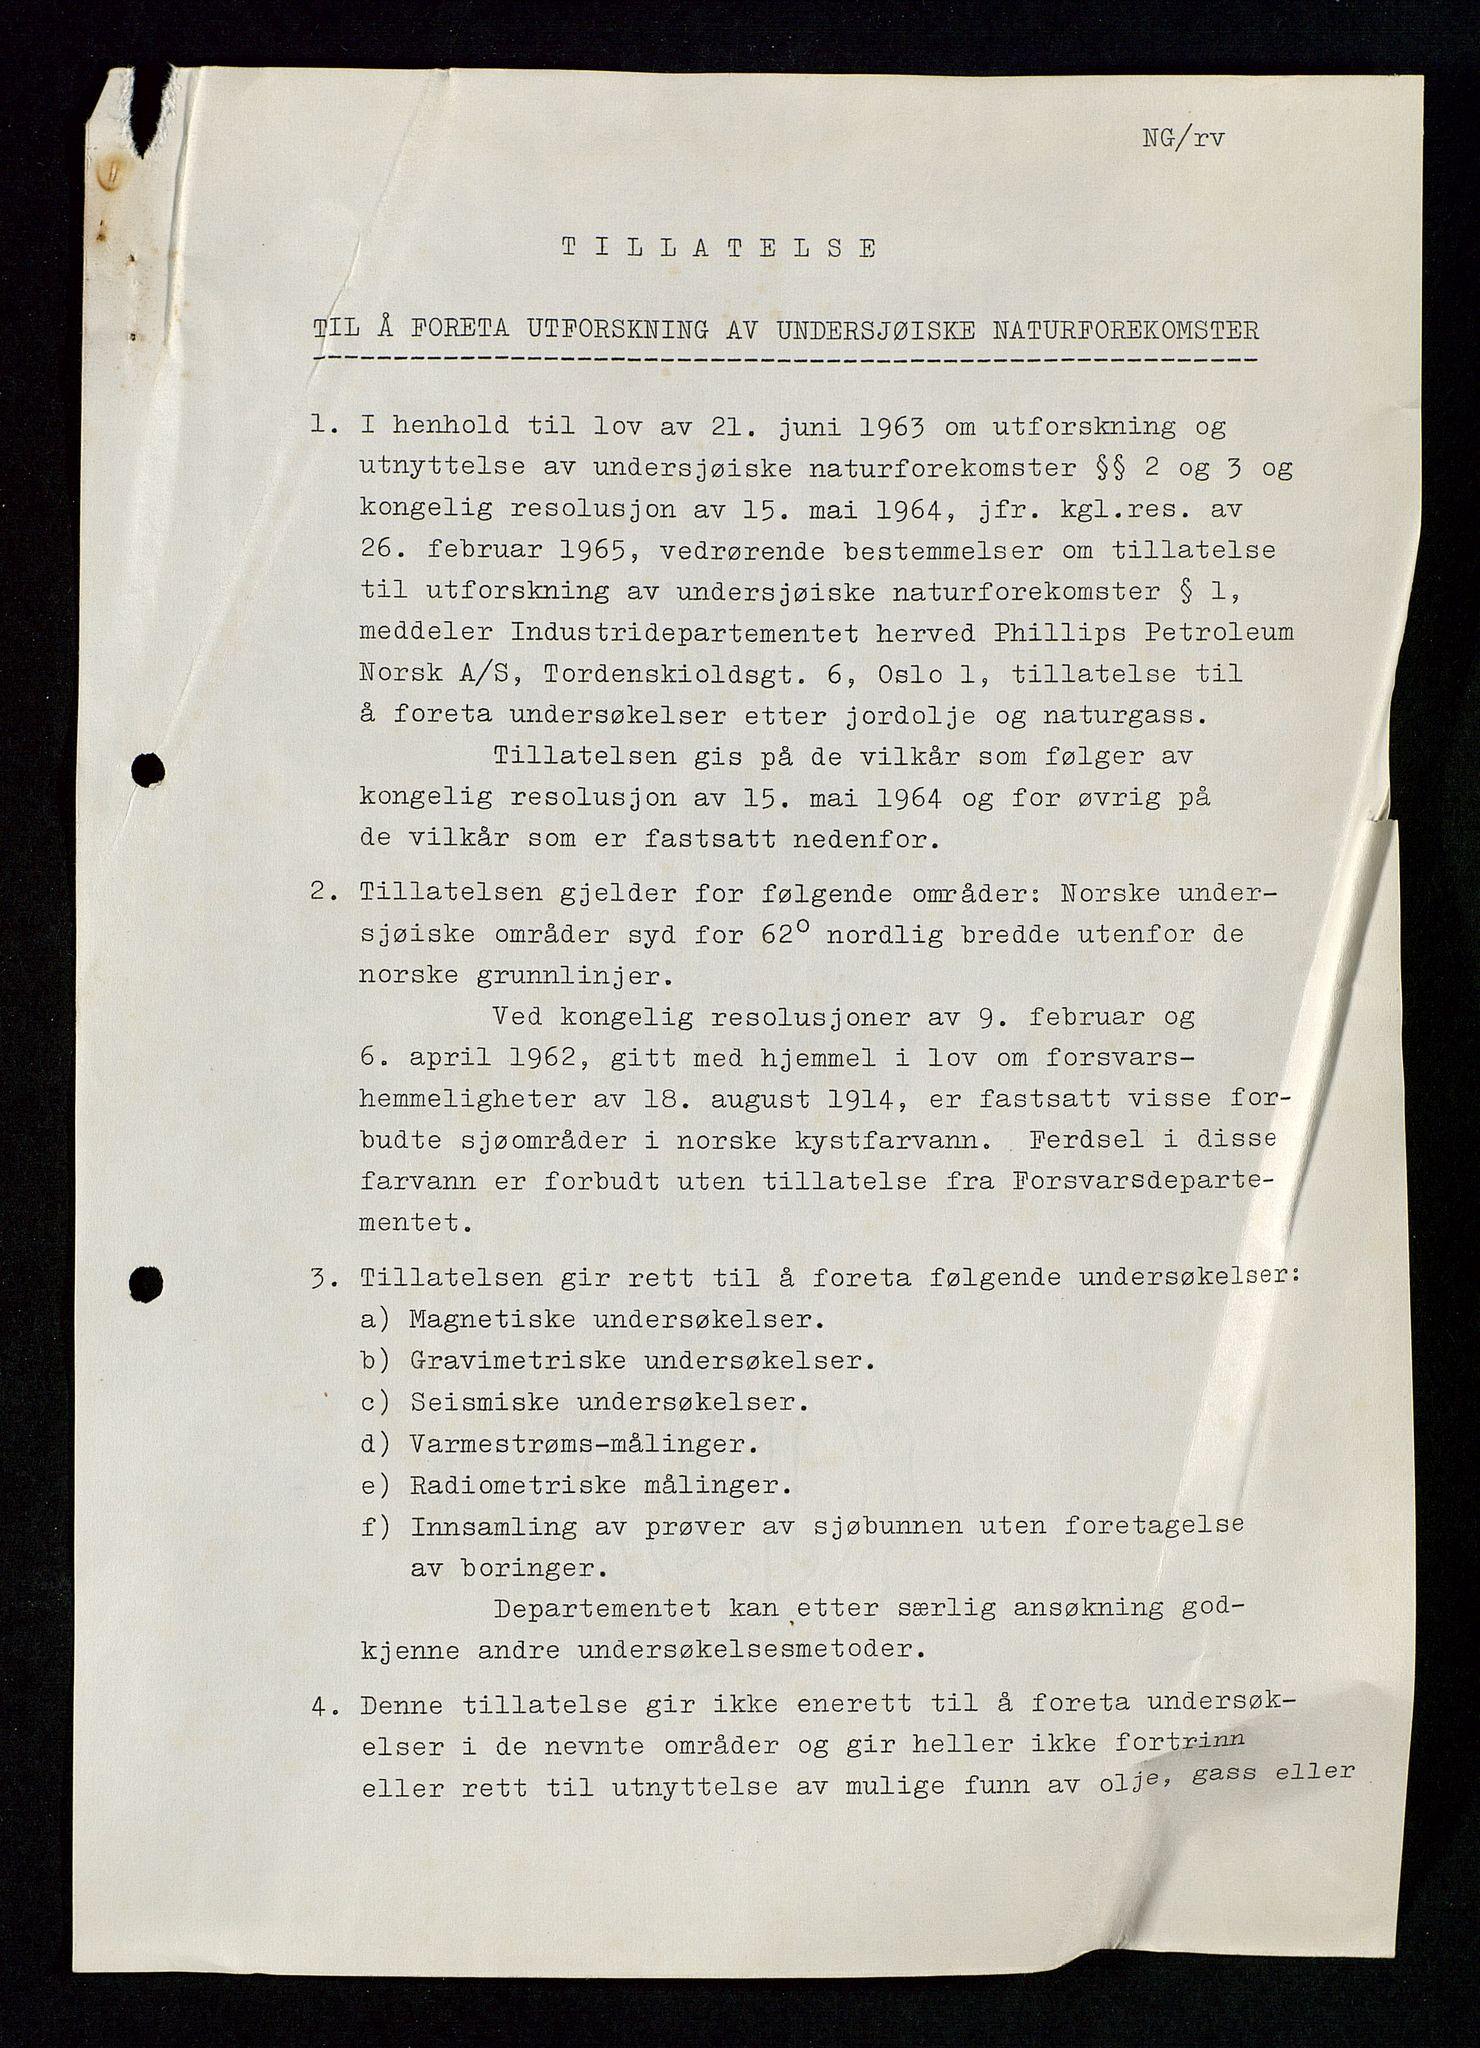 SAST, Industridepartementet, Oljekontoret, Da/L0003: Arkivnøkkel 711 Undersøkelser og utforskning, 1963-1971, s. 181